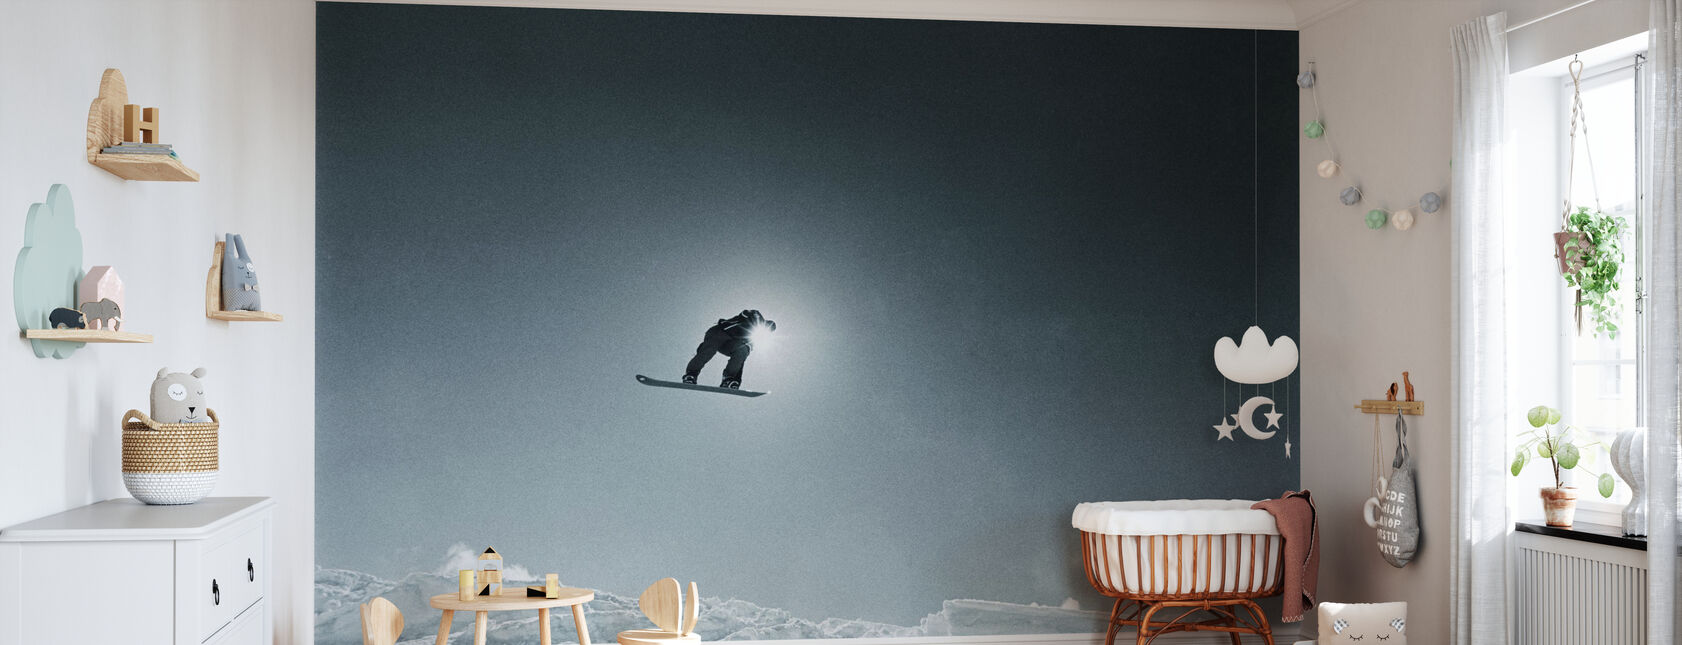 Snowboard Silhouette - Wallpaper - Nursery